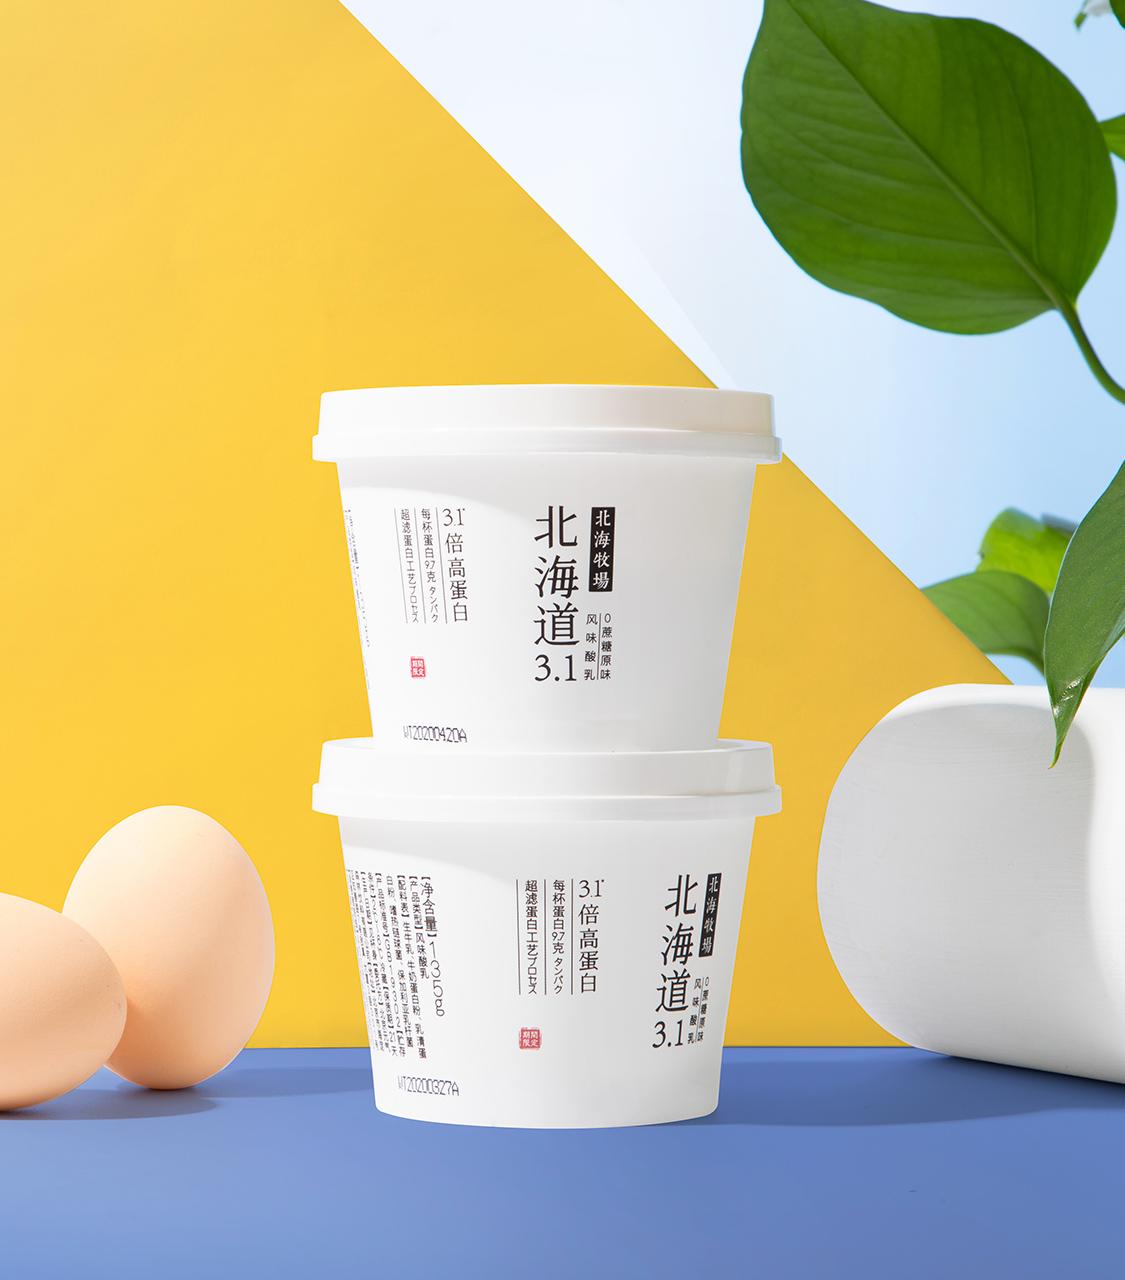 元气森林旗下,国标3.1倍高蛋白,0蔗糖:135gx10杯 北海牧场 风味酸奶 59.9元包邮顺丰冷链 买手党-买手聚集的地方